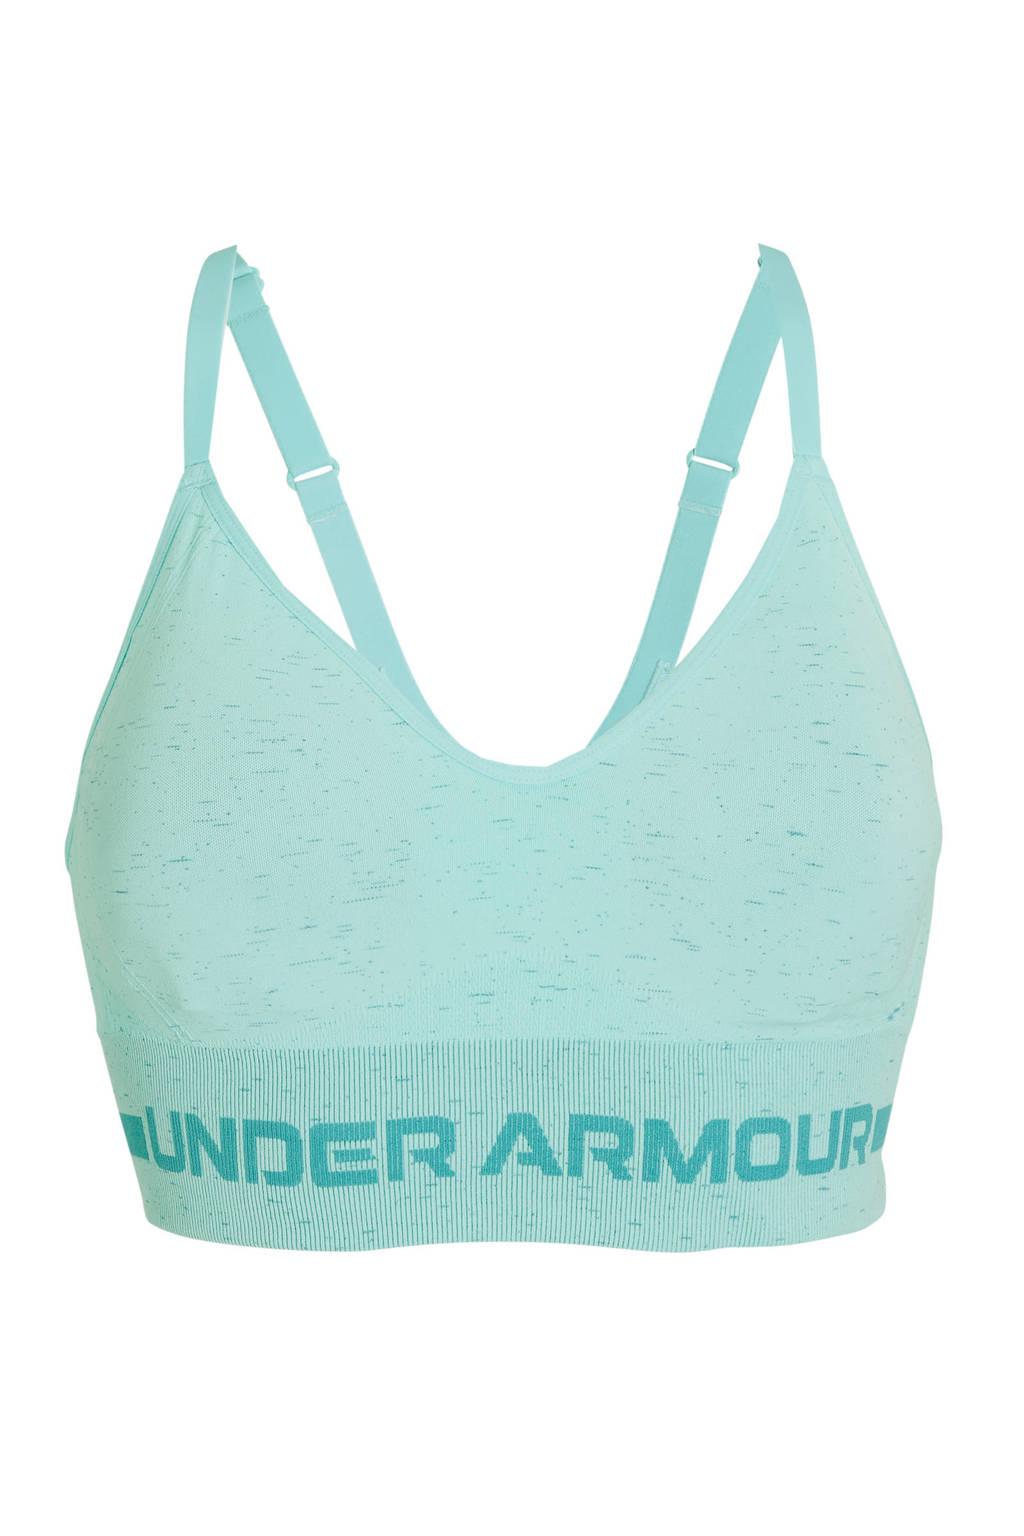 Under Armour level 1 sportbh lichtblauw, Lichtblauw